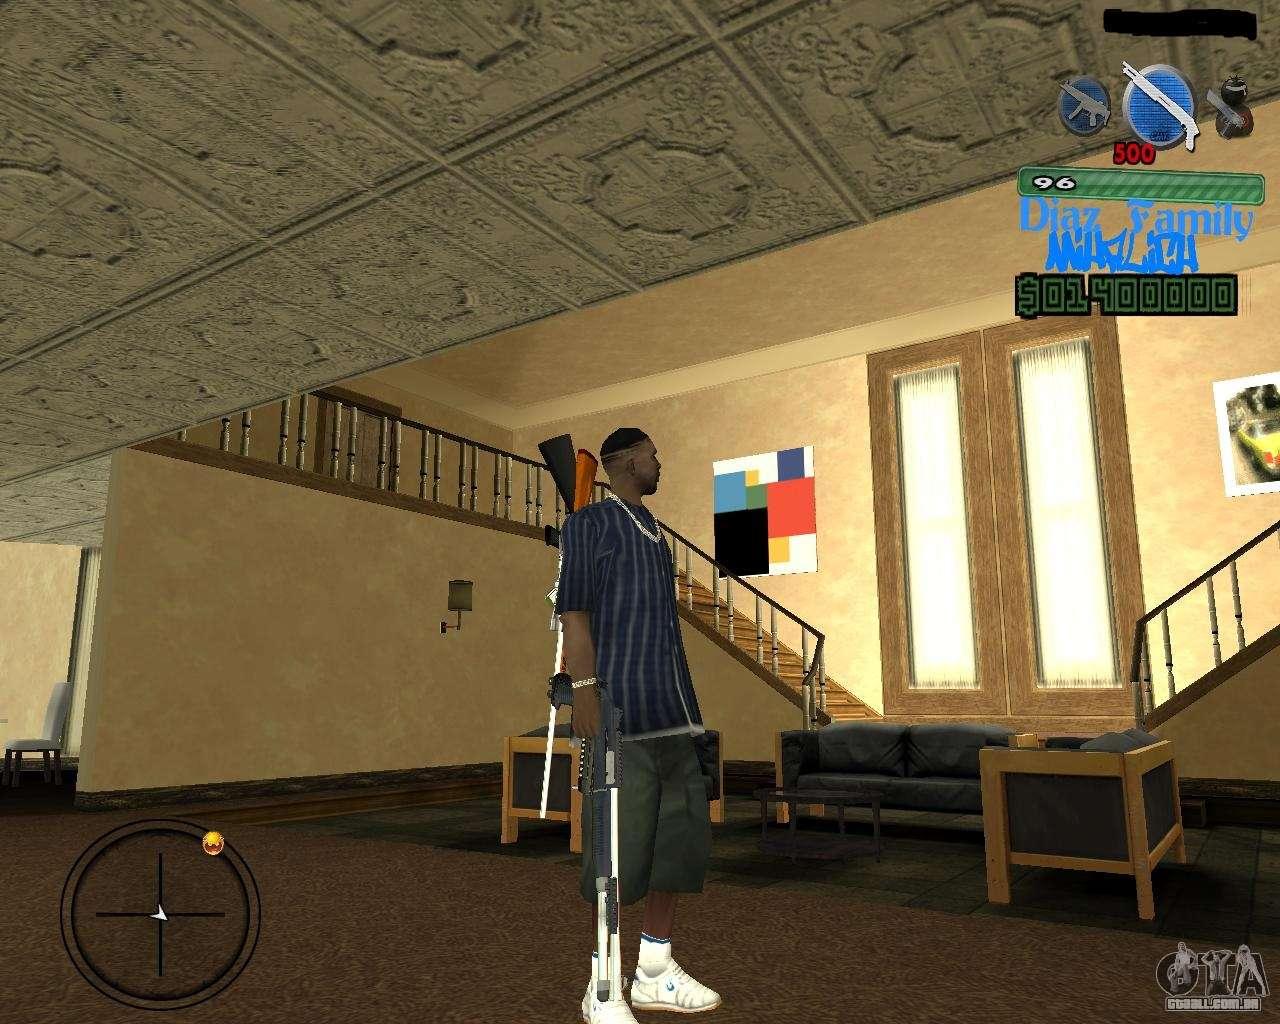 Samp GTA San Andreas Android - Bing images